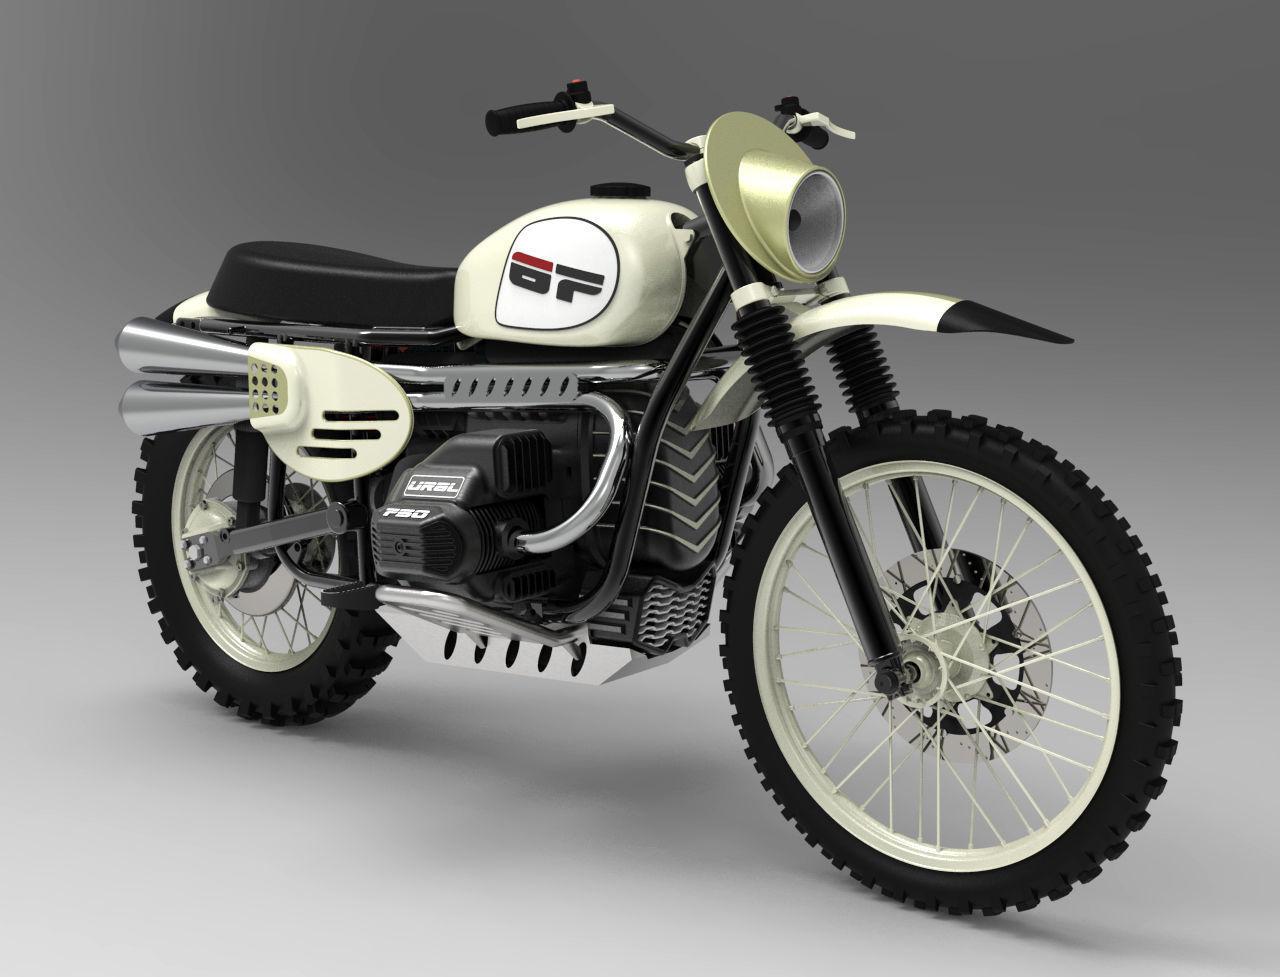 Ural Enduro Motorcycle - High detailed